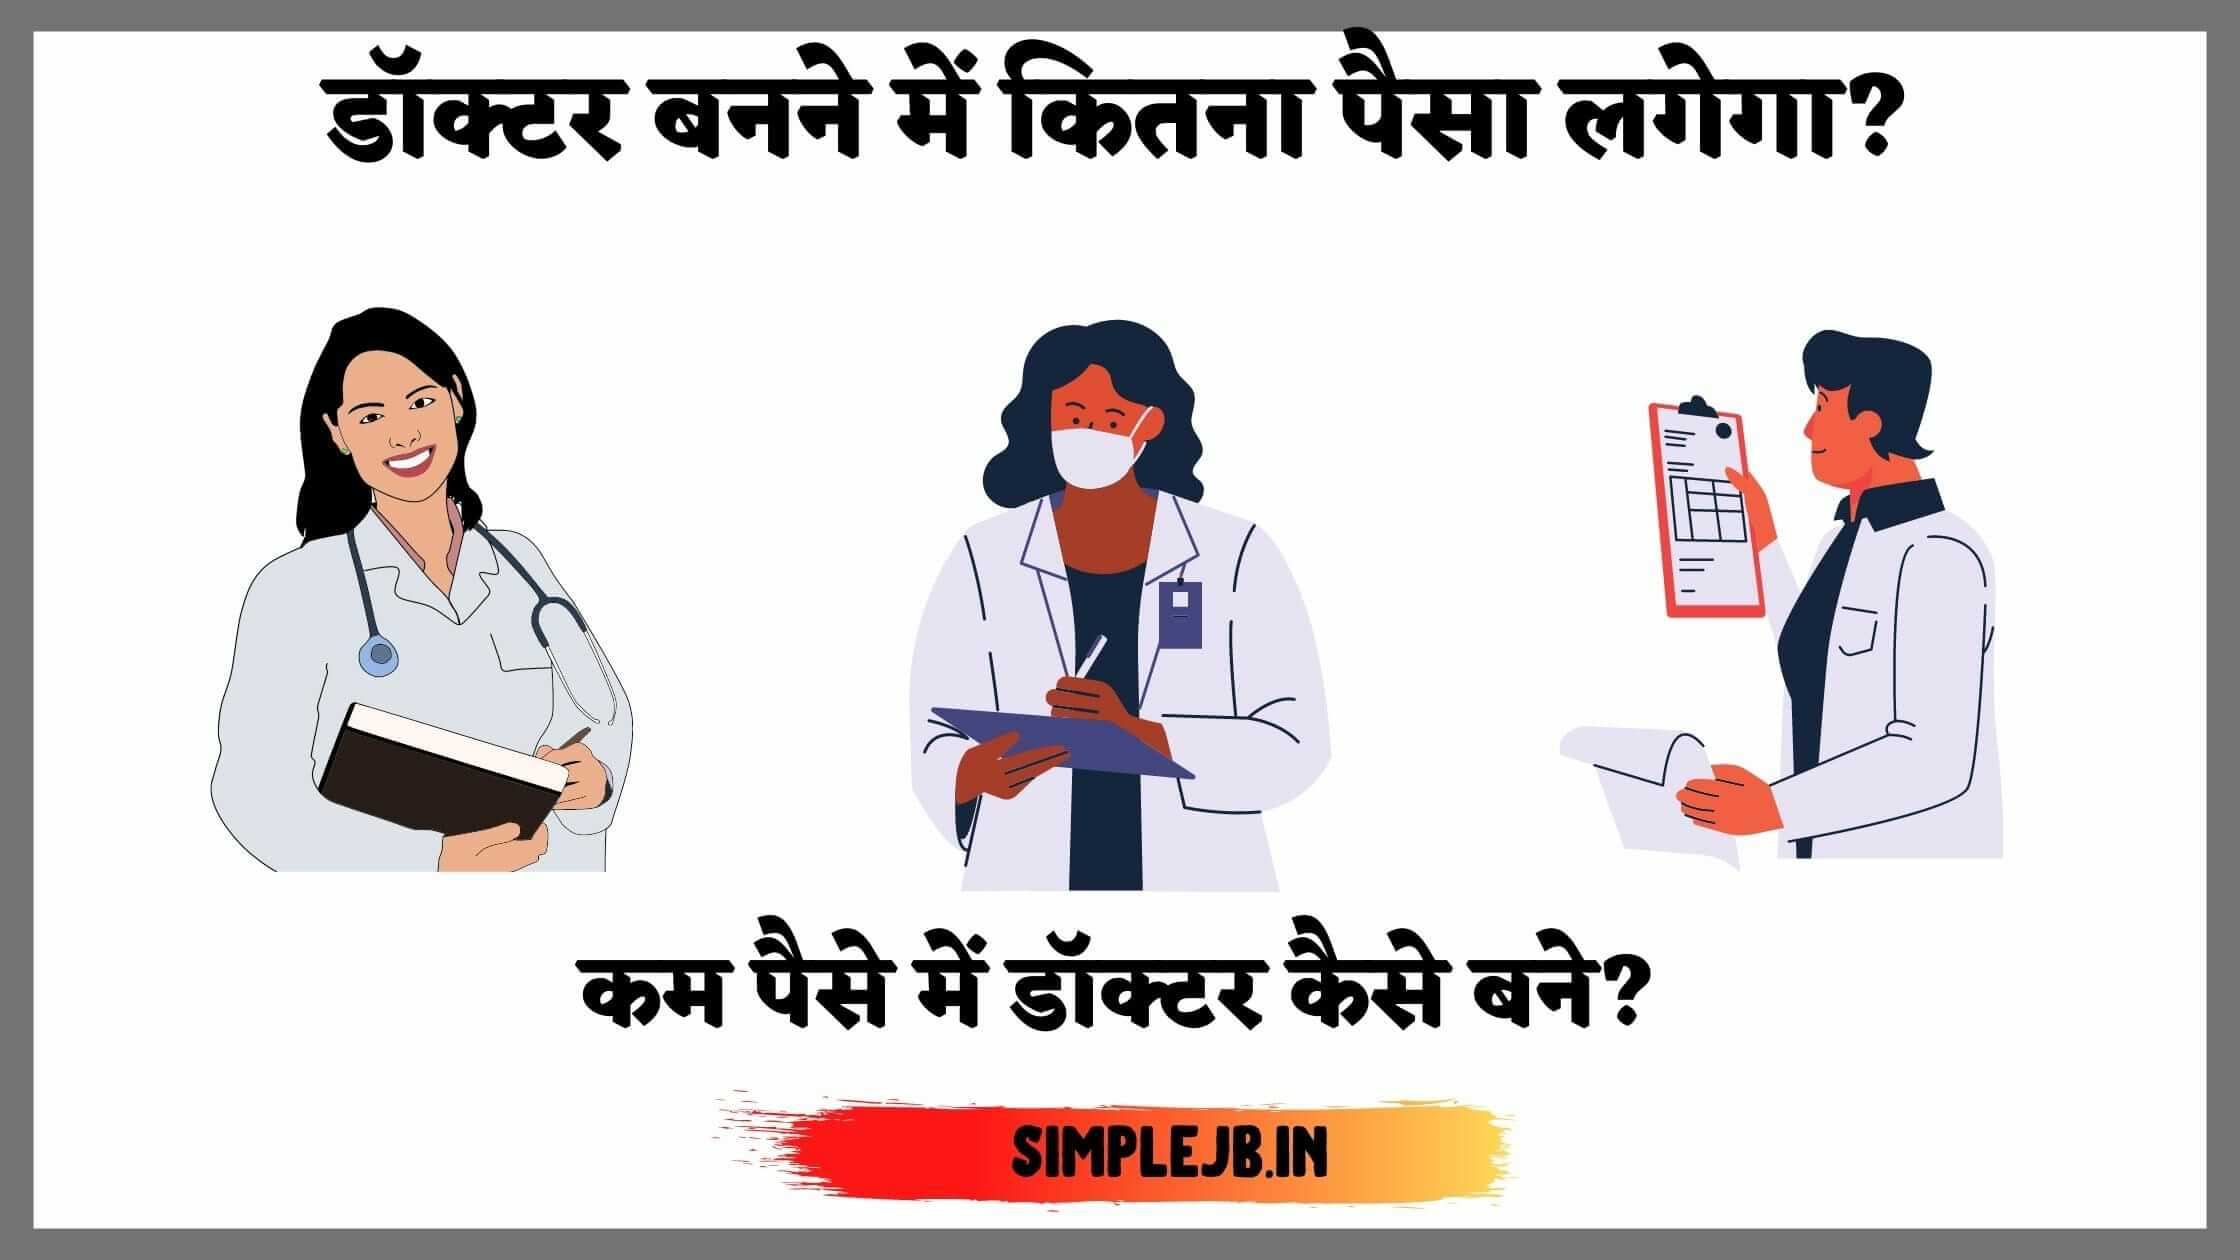 डॉक्टर बनने में कितना पैसा लगेगा?